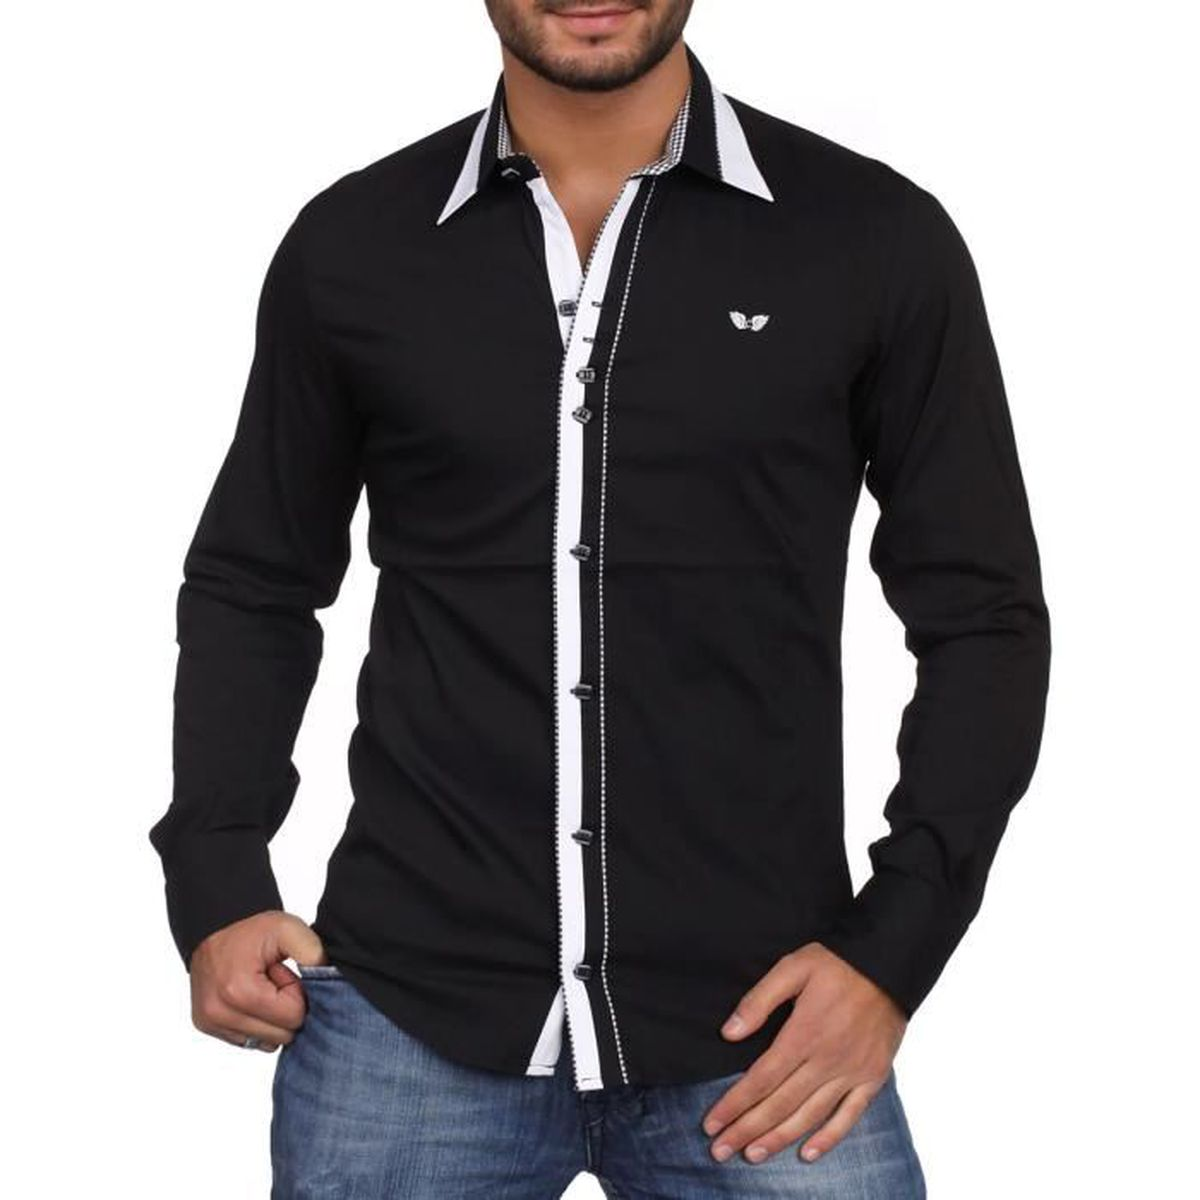 Carisma - Chemise noire col ital... Noir - Achat   Vente chemise ... f179bb17eaed